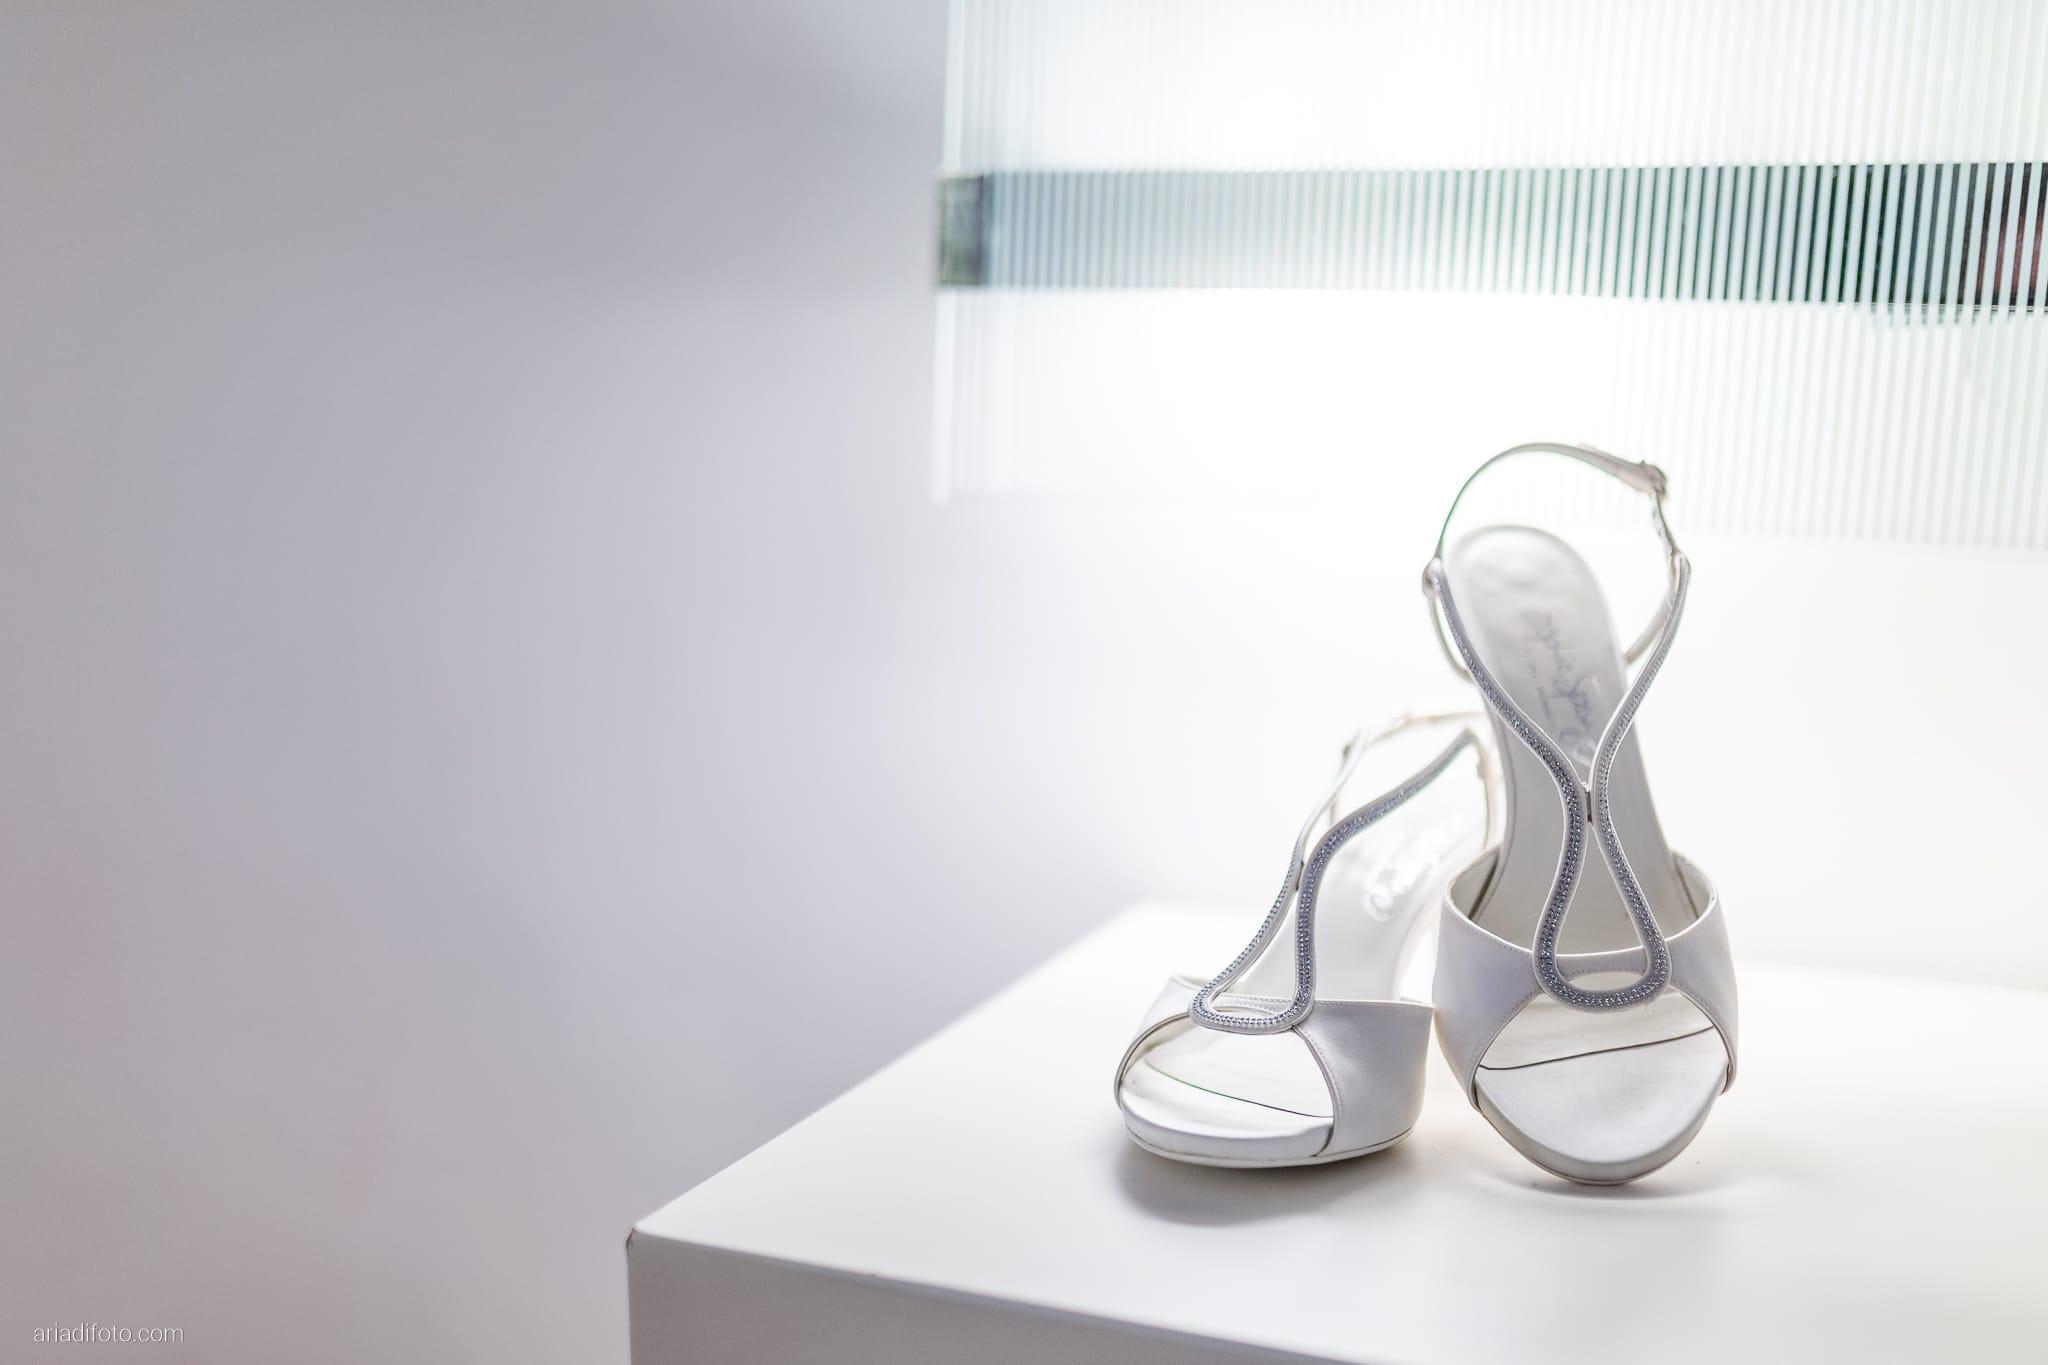 Anna Paolo Matrimonio Santa Maria Maggiore Hotel Riviera Trieste preparativi sposa dettagli scarpe